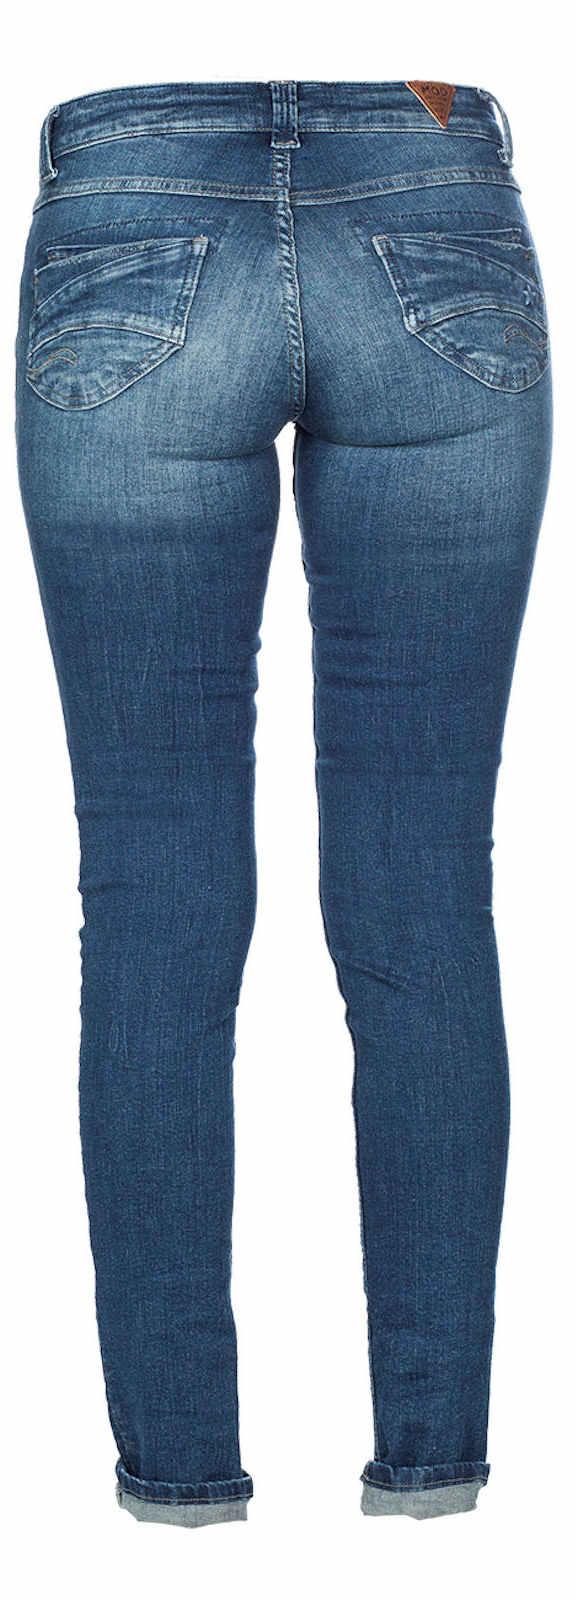 m o d damen jeans scarlett slim nos 2001 h ft hose low. Black Bedroom Furniture Sets. Home Design Ideas